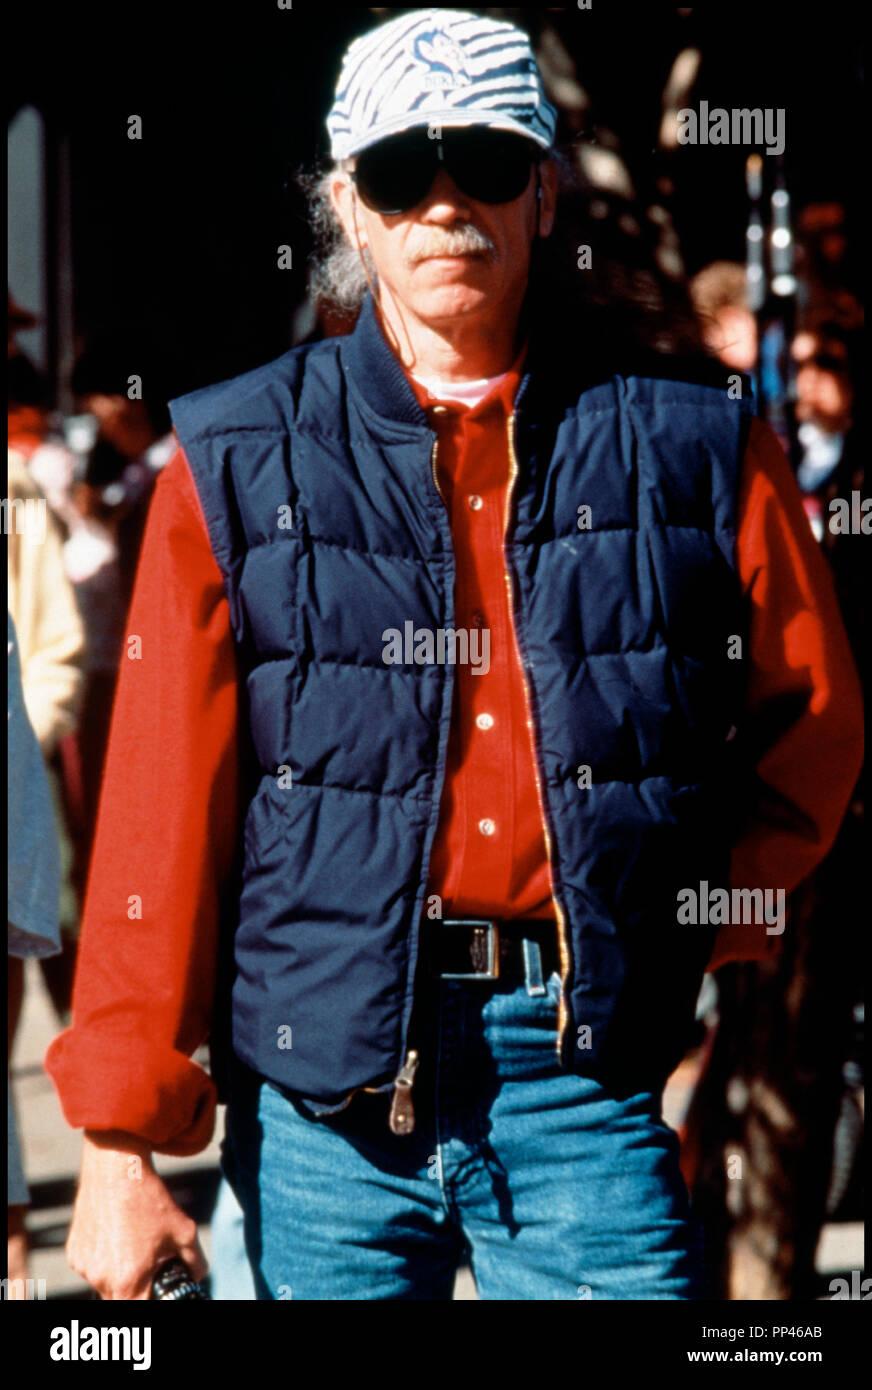 Prod DB © Universal / Alphaville Films / DR LE VILLAGE DES DAMNÉS (VILLAGE OF THE DAMNED) de John Carpenter 1995 USA avec John Carpenter sur le tournage d'après le roman de John Wyndham 'THE MIDWICH CUKOOS' - Stock Image